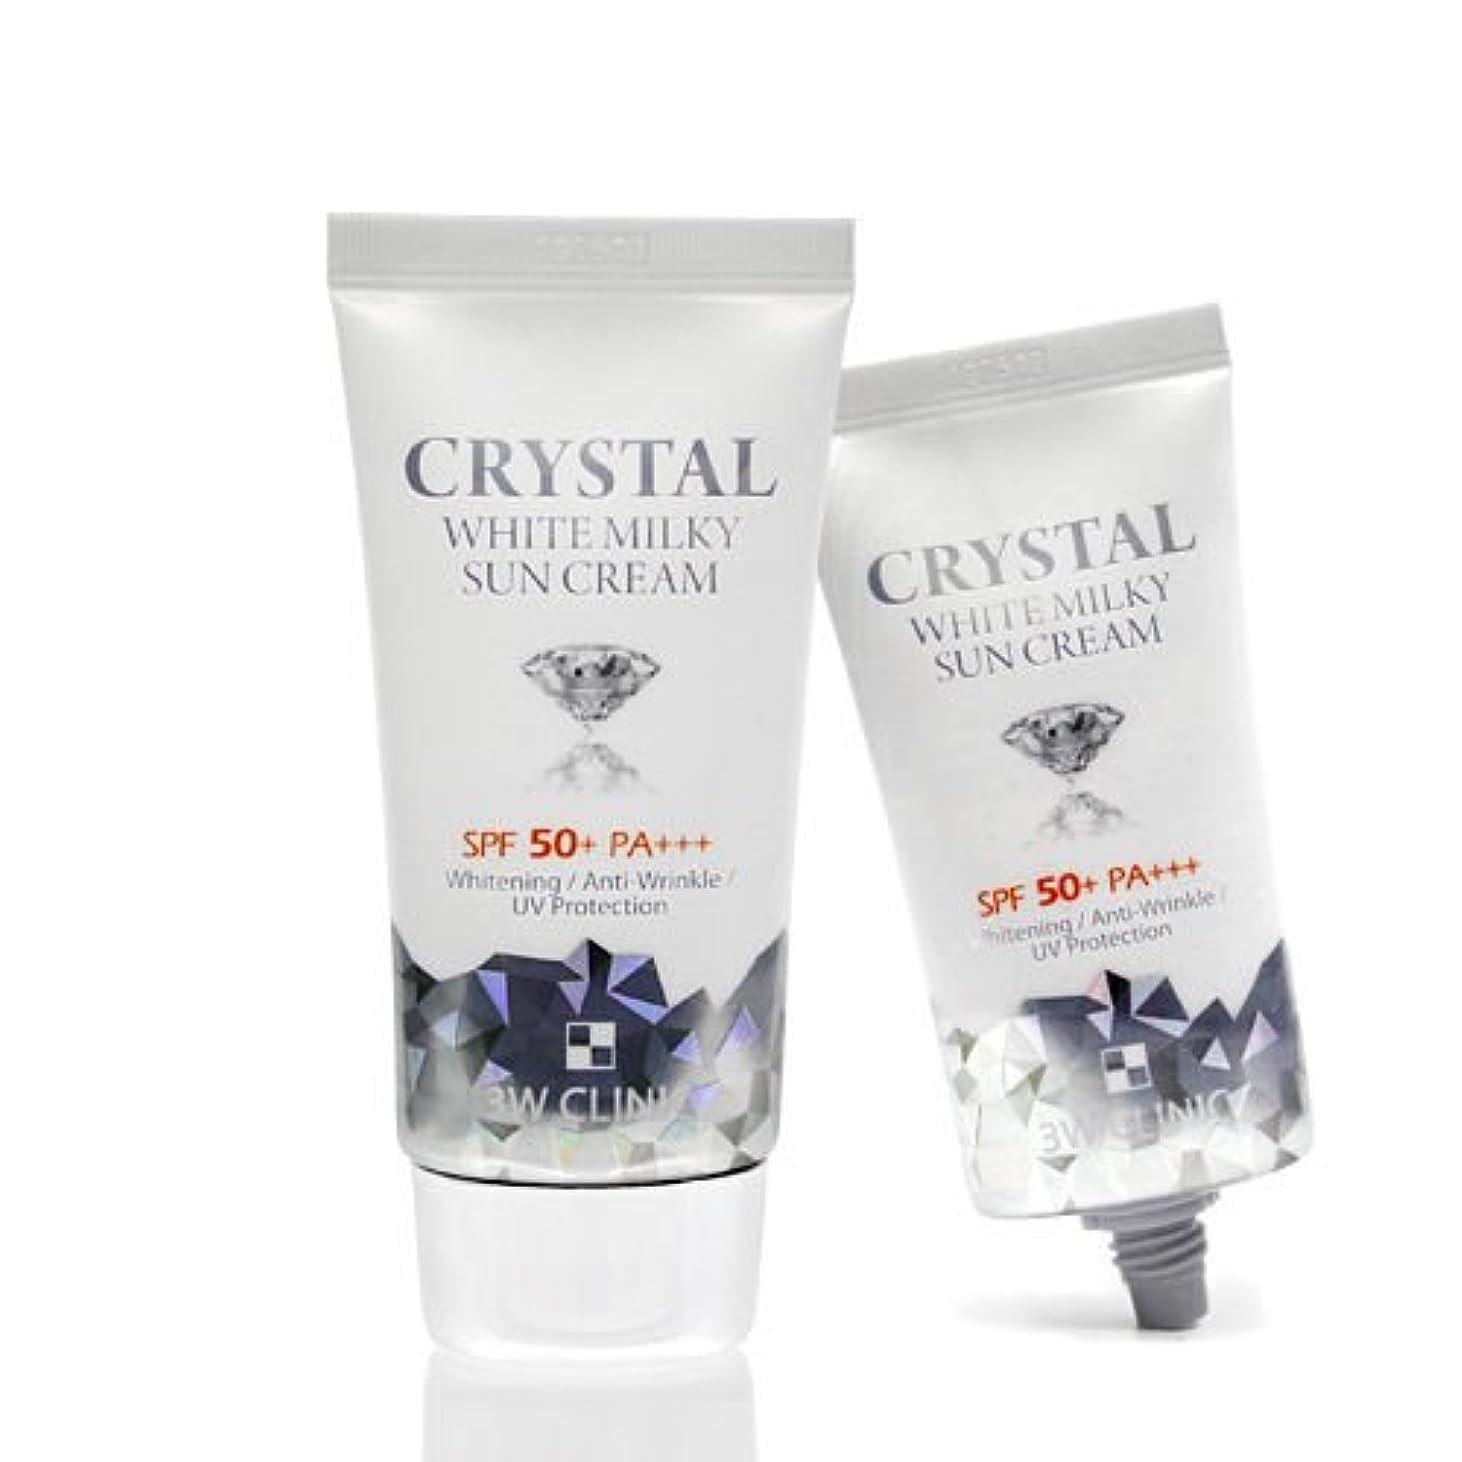 キャッチティーンエイジャーエキス3Wクリニック[韓国コスメ3w Clinic]Crystal White Milky Sun Cream クリスタルホワイトミルキー 日焼け止めクリーム50ml[並行輸入品]